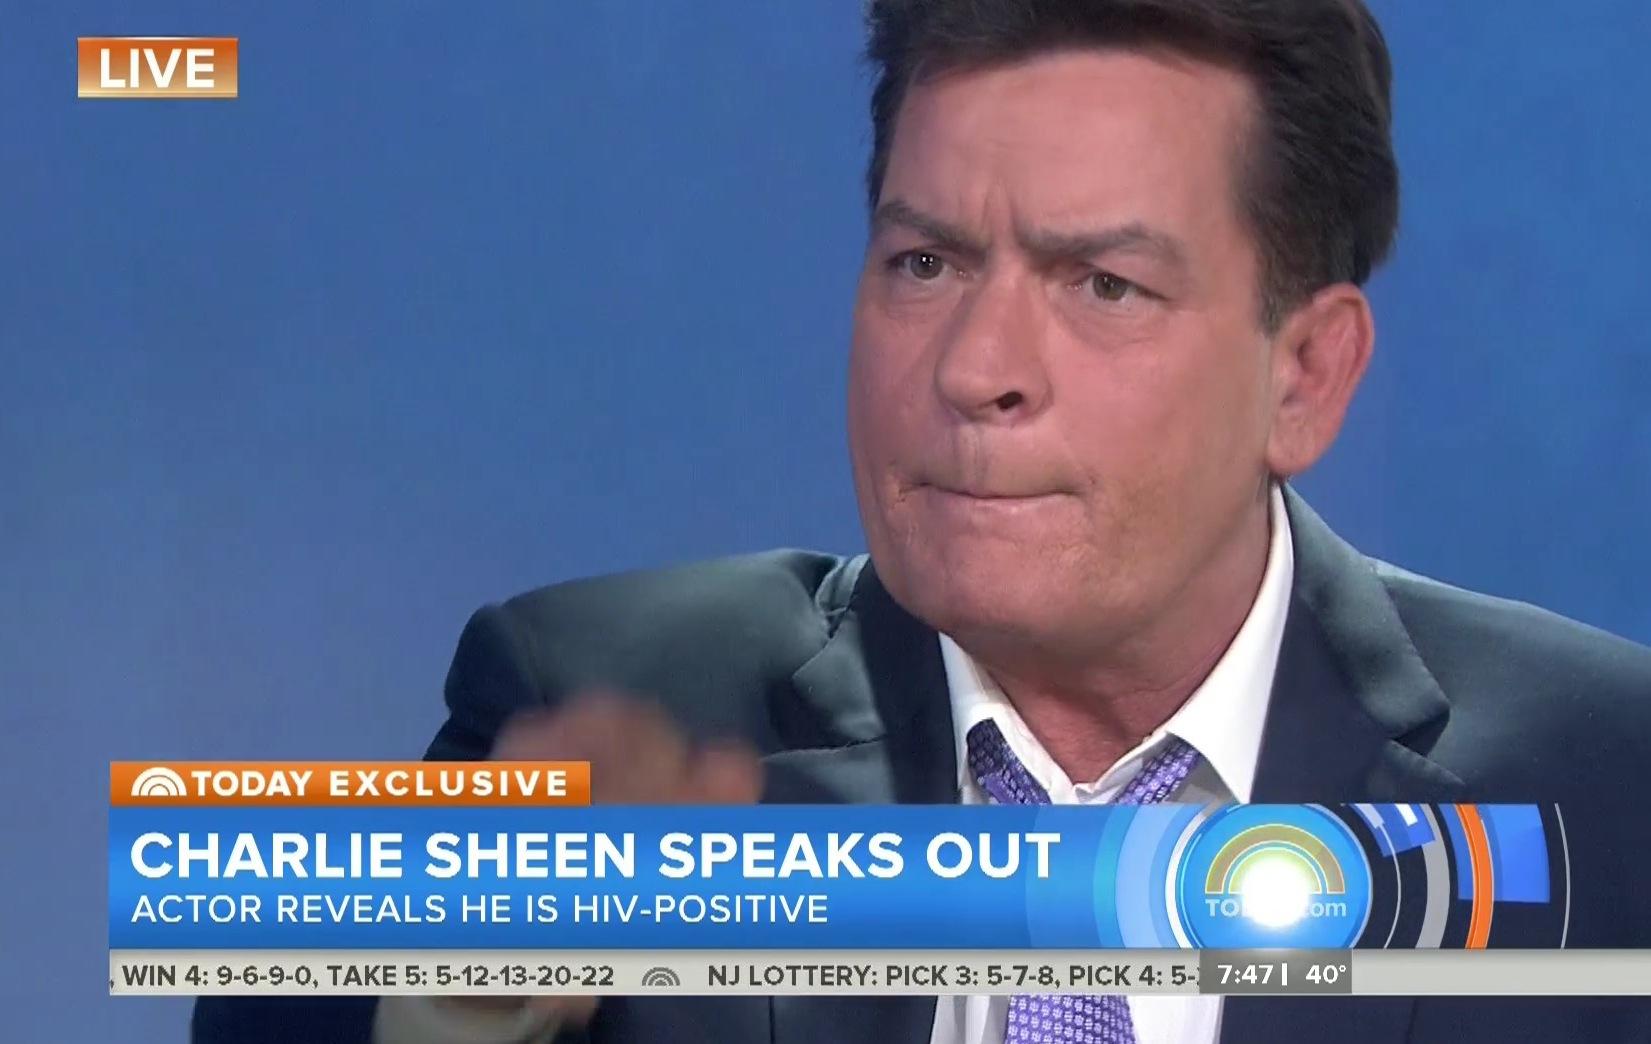 charlie-sheen-hiv-positive-today-show-interview-matt-lauer-5